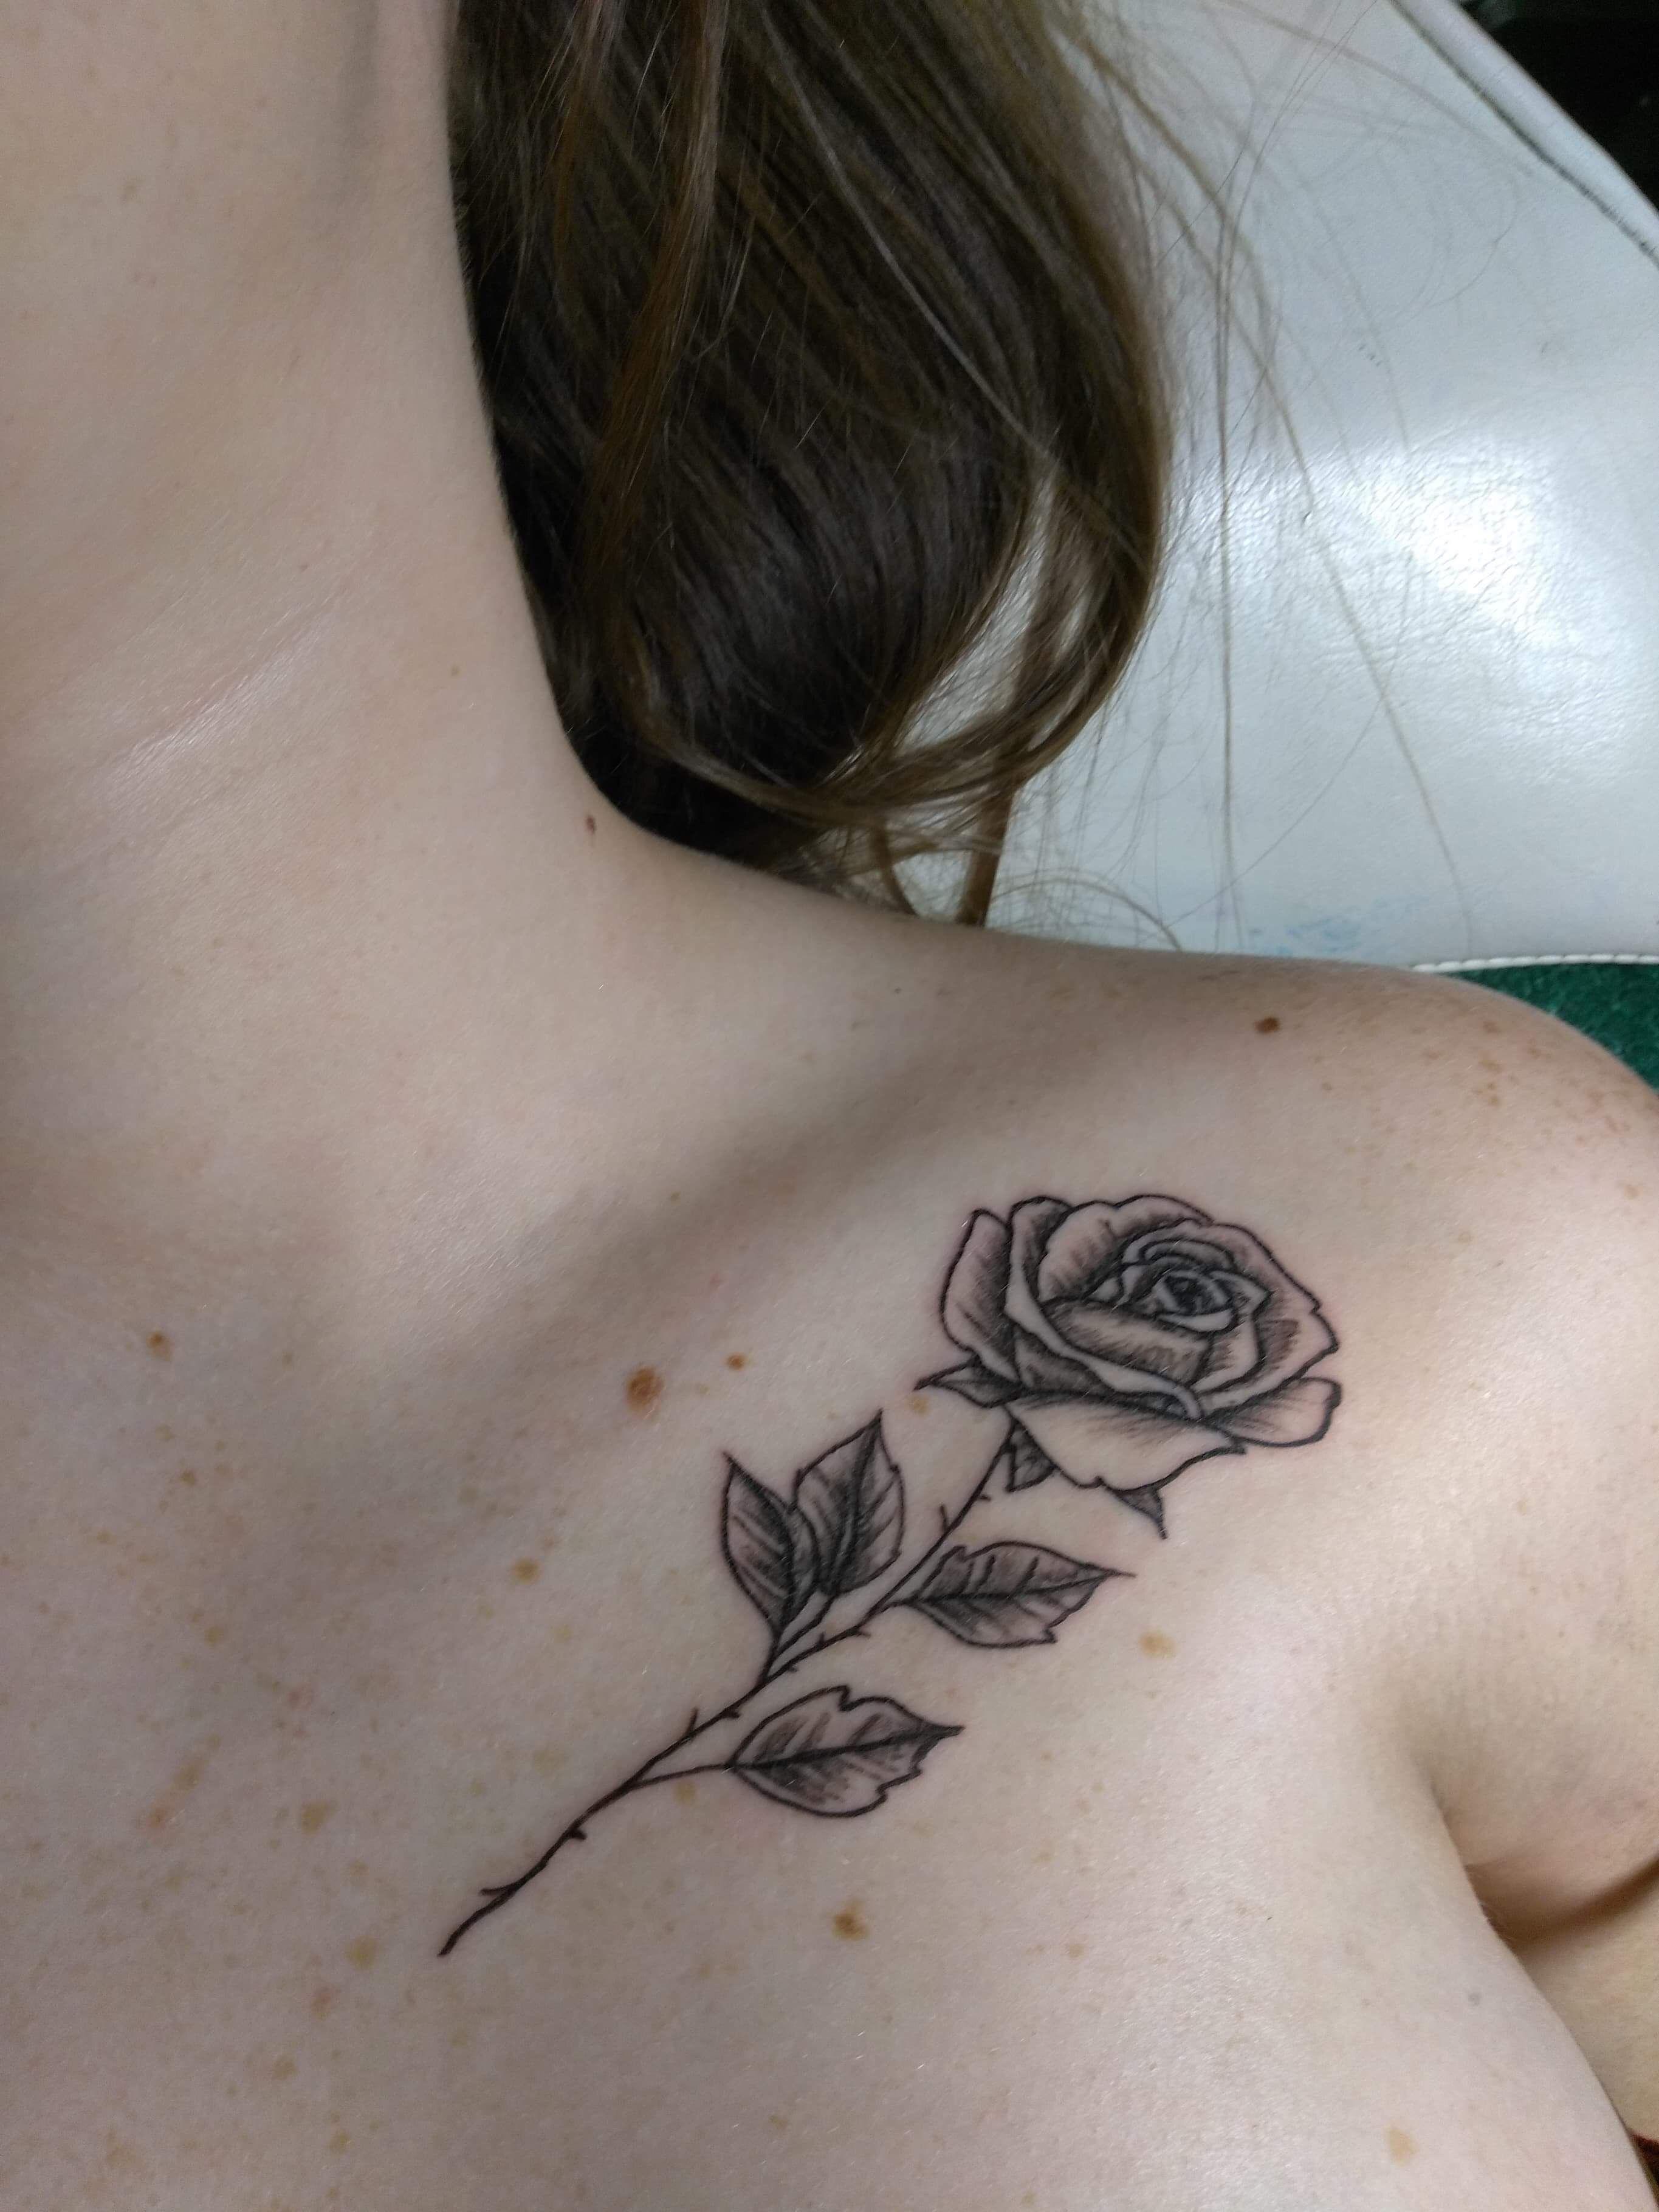 Rose Tattoo Collarbone Small Rose Tattoo Rose Neck Tattoo Collar Bone Tattoo